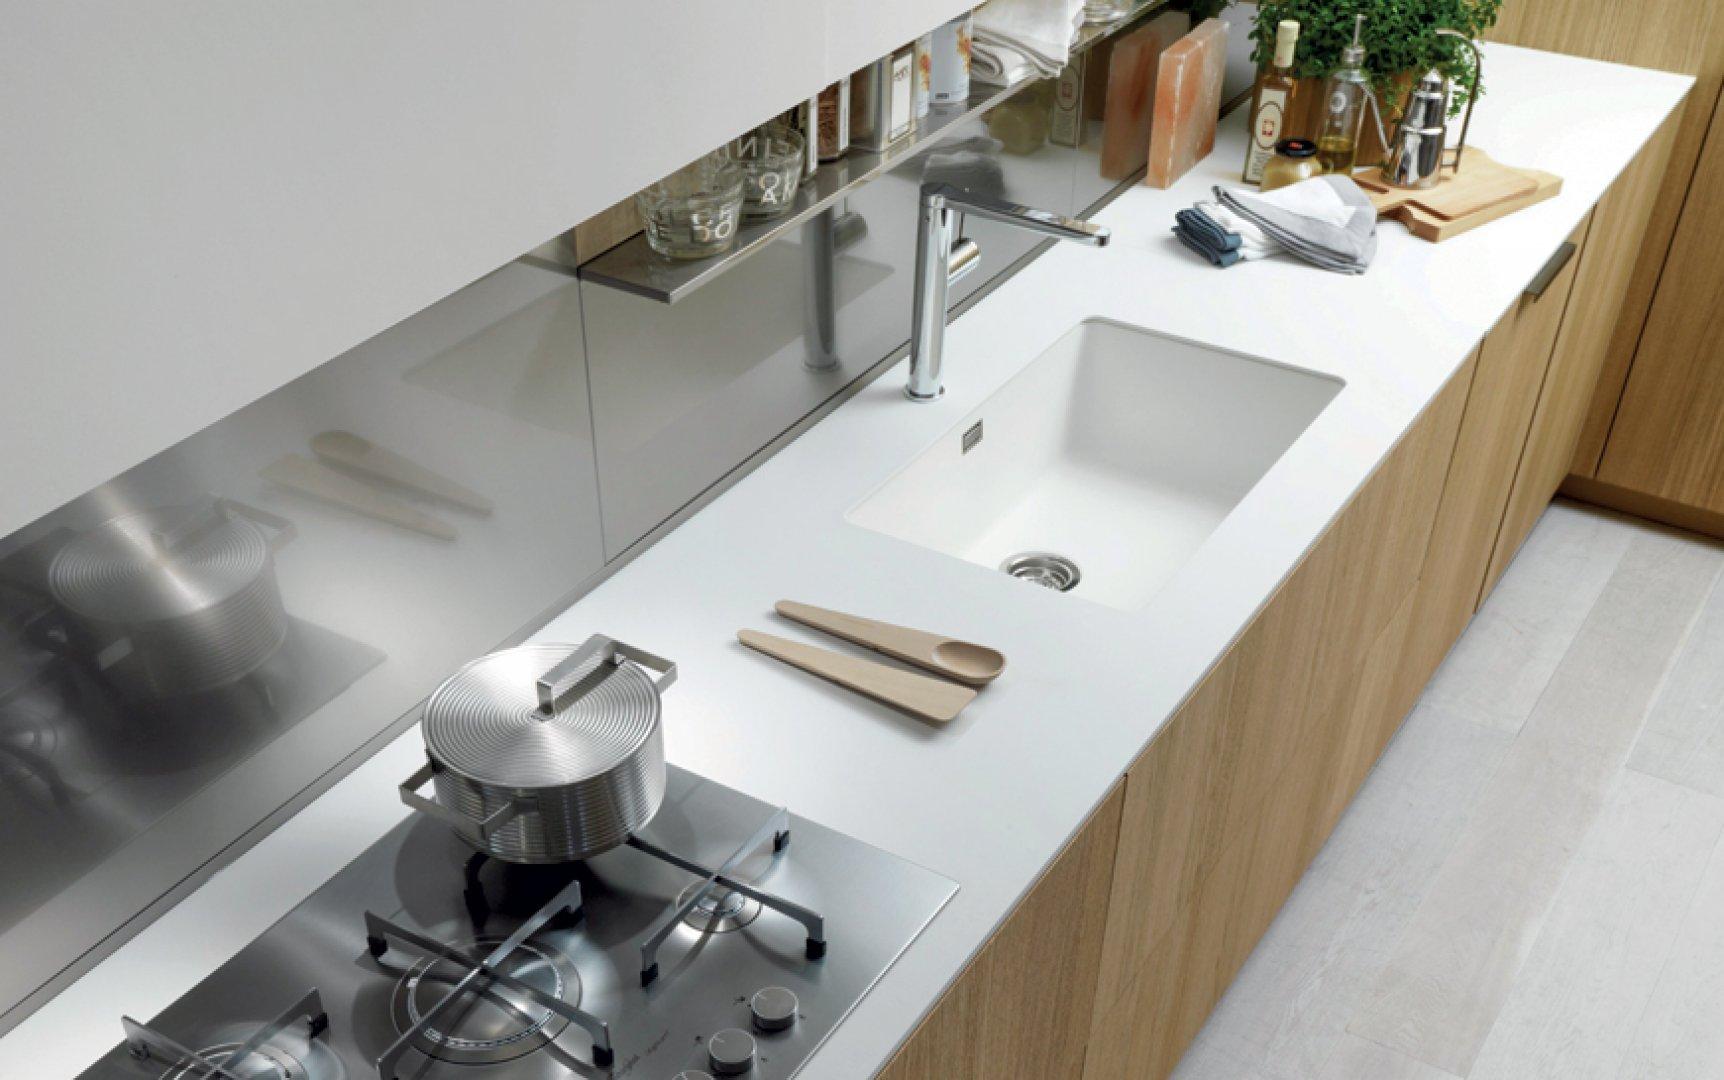 Top cucina come sfruttare lo spazio al meglio - Colori top cucina ...